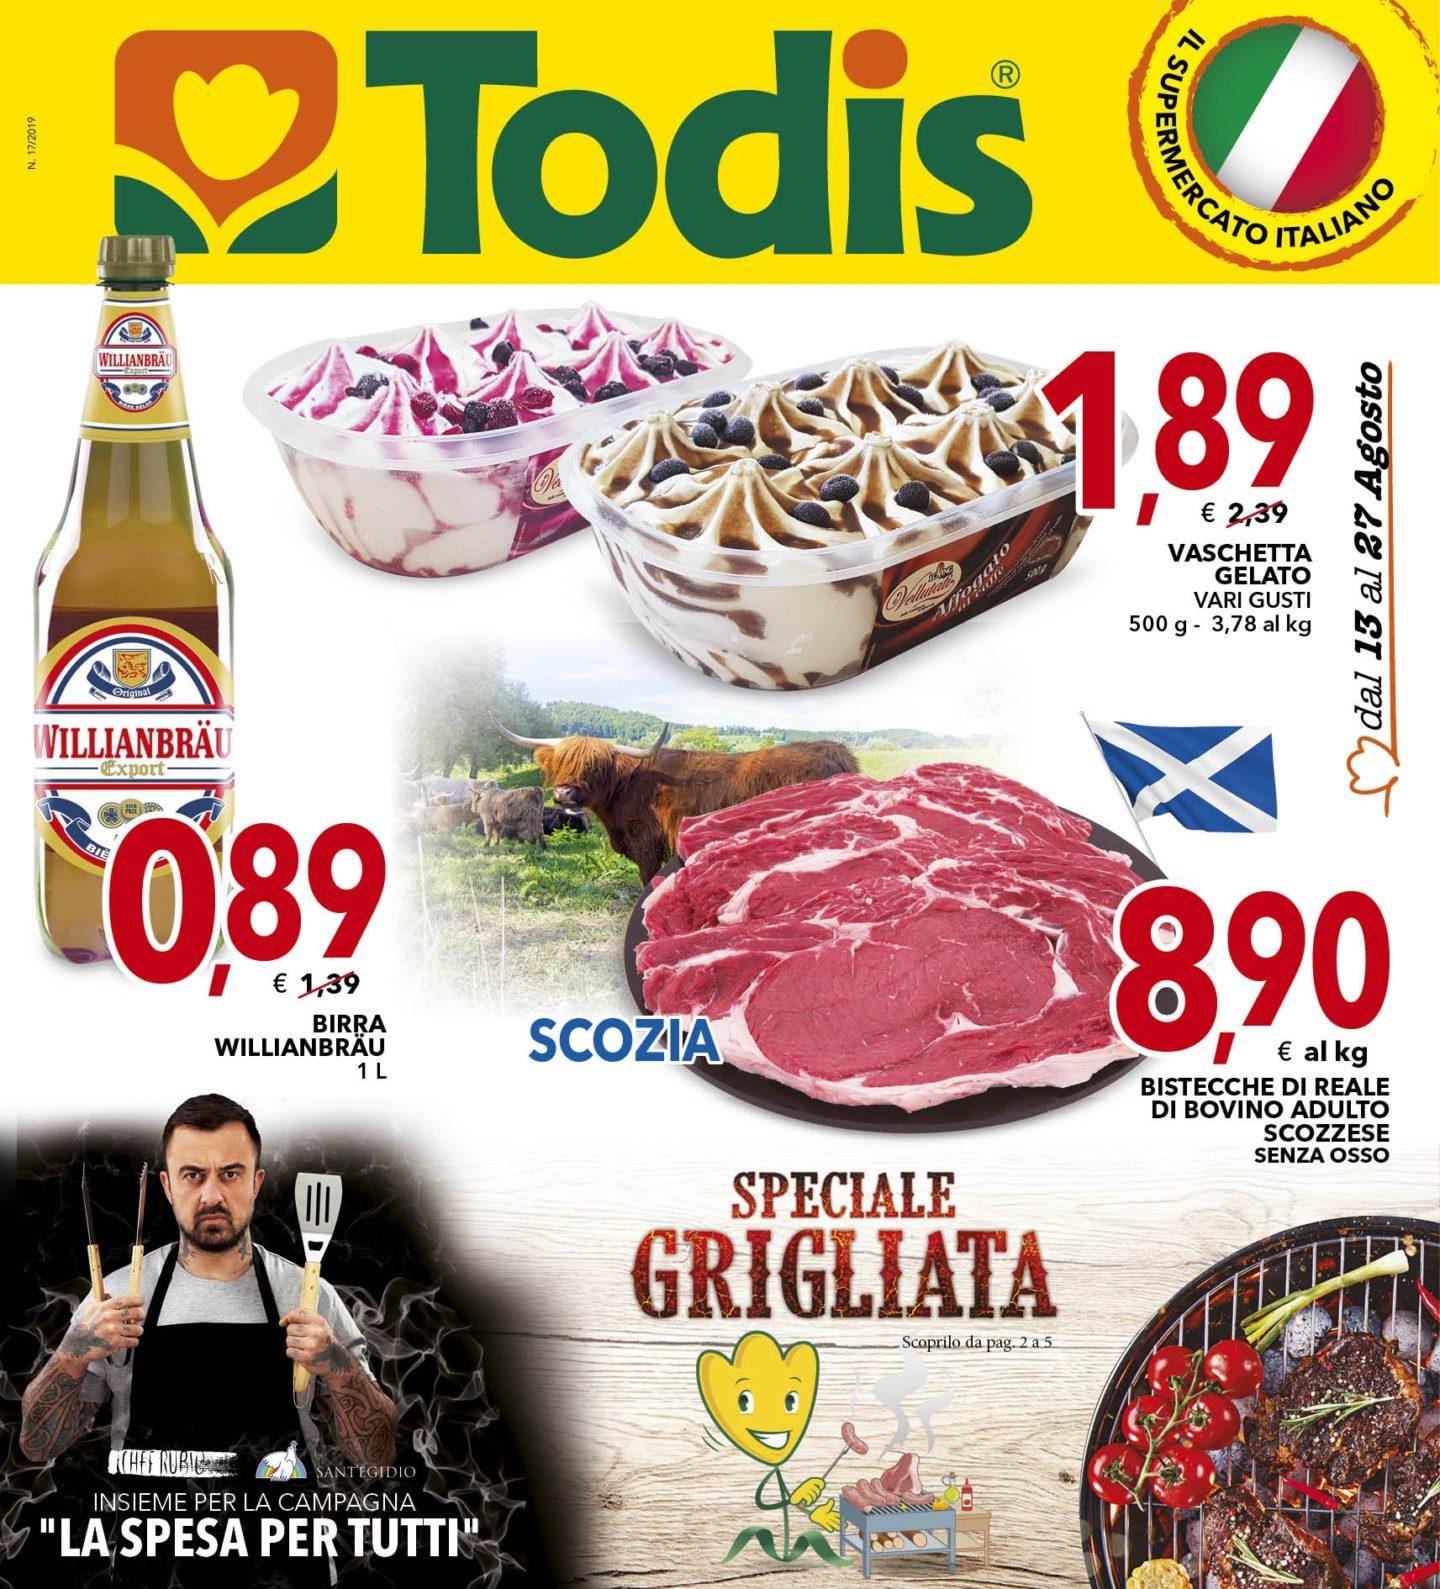 Volantino Todis 13 Agosto - 27 Agosto 2019